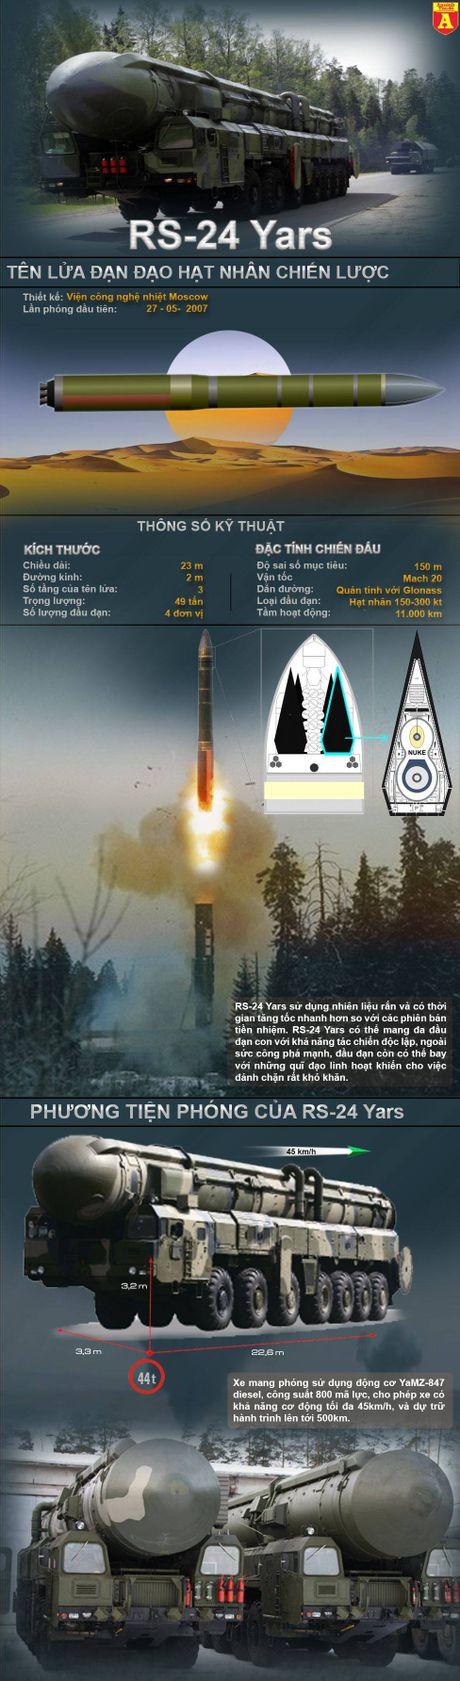 RS-24 Yars - 'Sat thu' hat nhan choc thung hang phong thu cua My - Anh 2